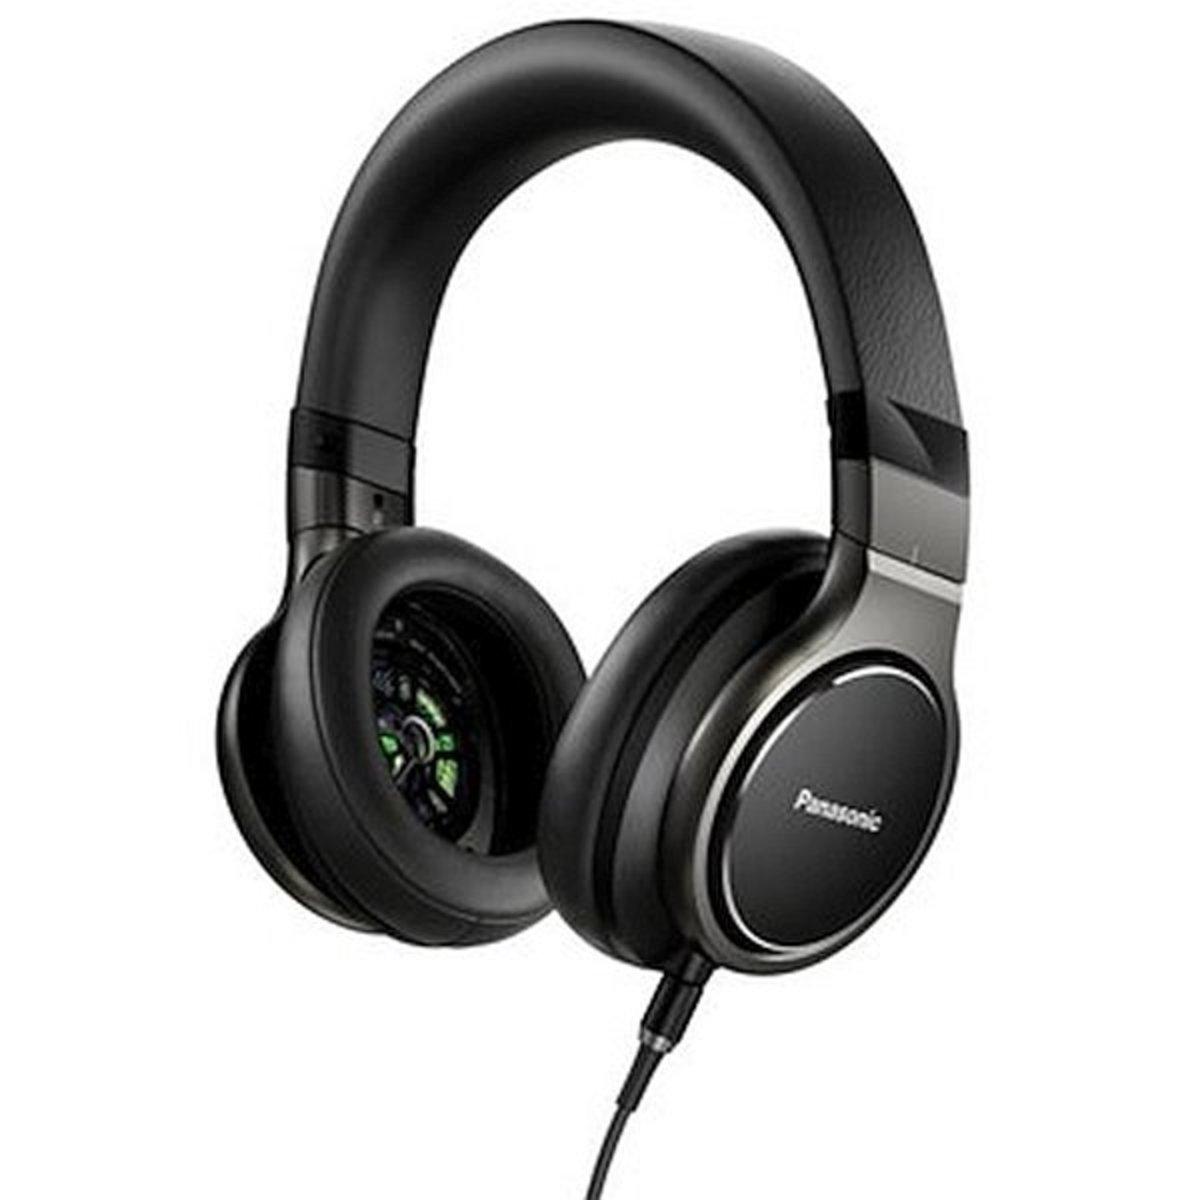 高解析度頭戴式耳機 RP-HD10